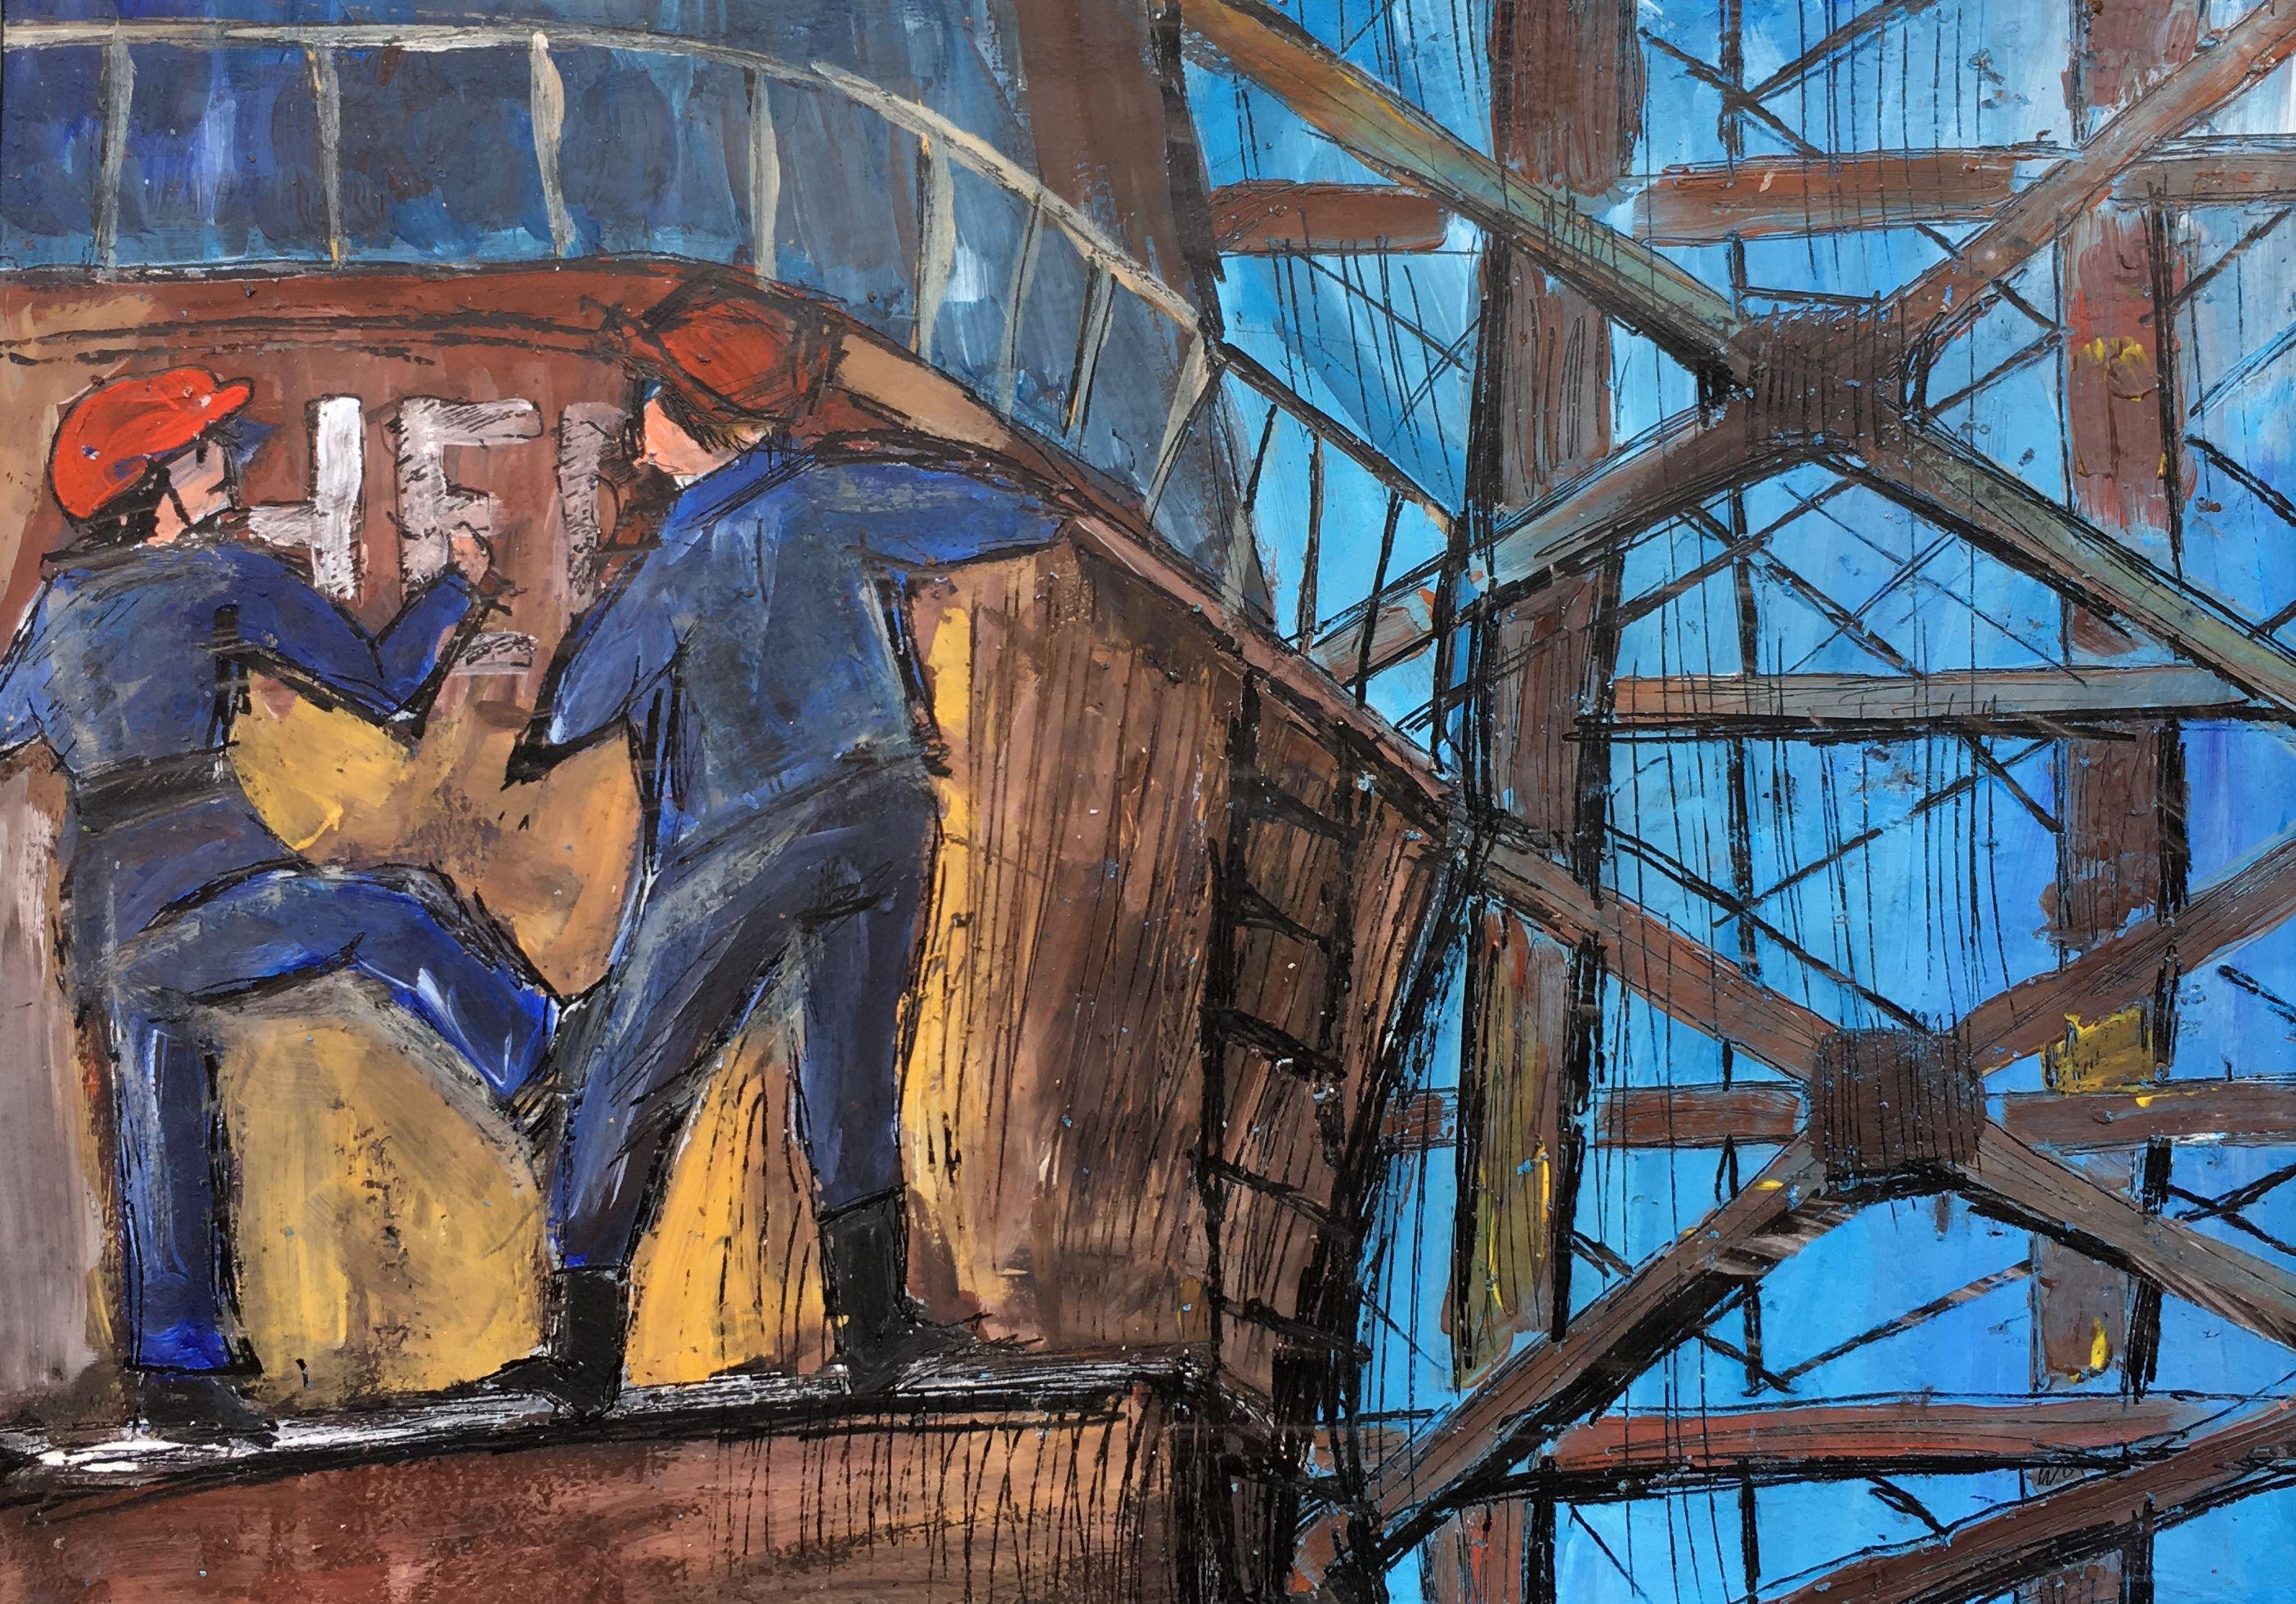 Федорова Елизавета. 13 лет. «Ремонт судна», воскография. Преподаватель [О. Д. Гоголева](/teacher/od-gogoleva)